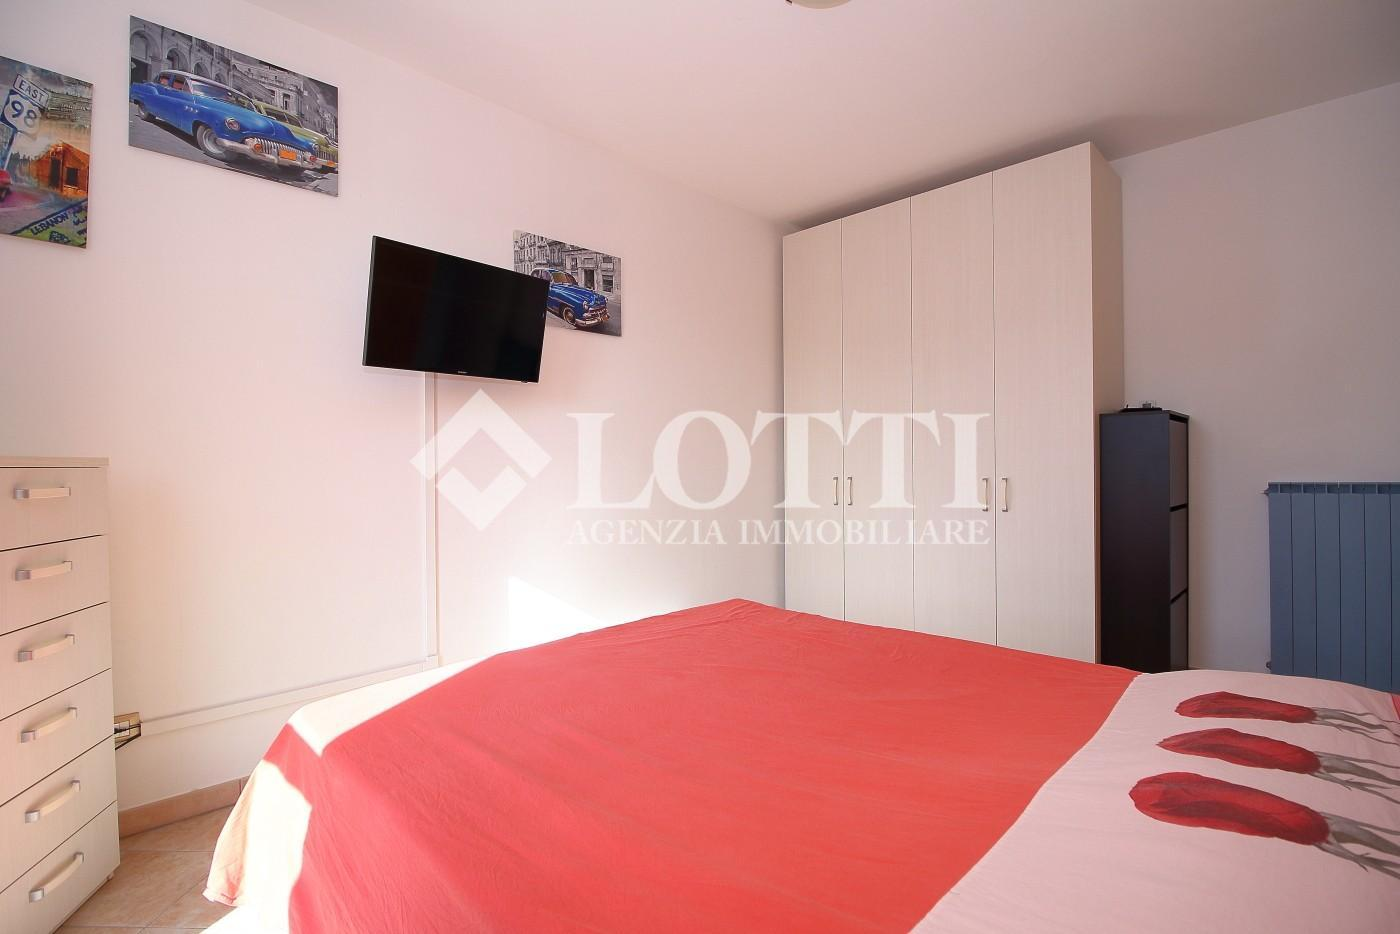 Appartamento in vendita, rif. 638